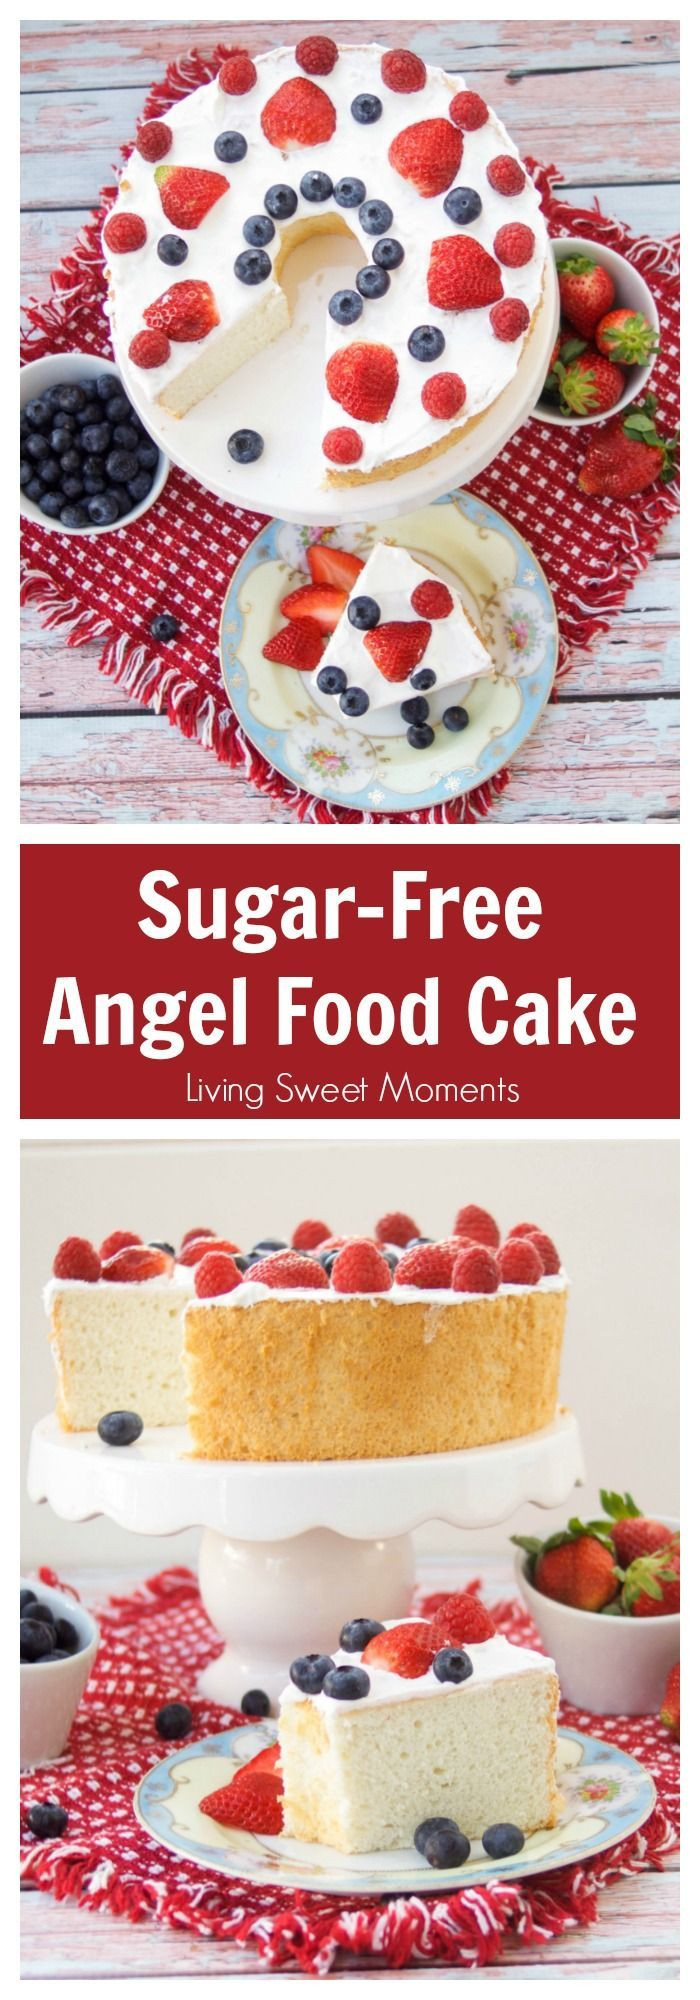 Low Sugar Desserts For Diabetics  1000 ideas about Diabetic Desserts on Pinterest